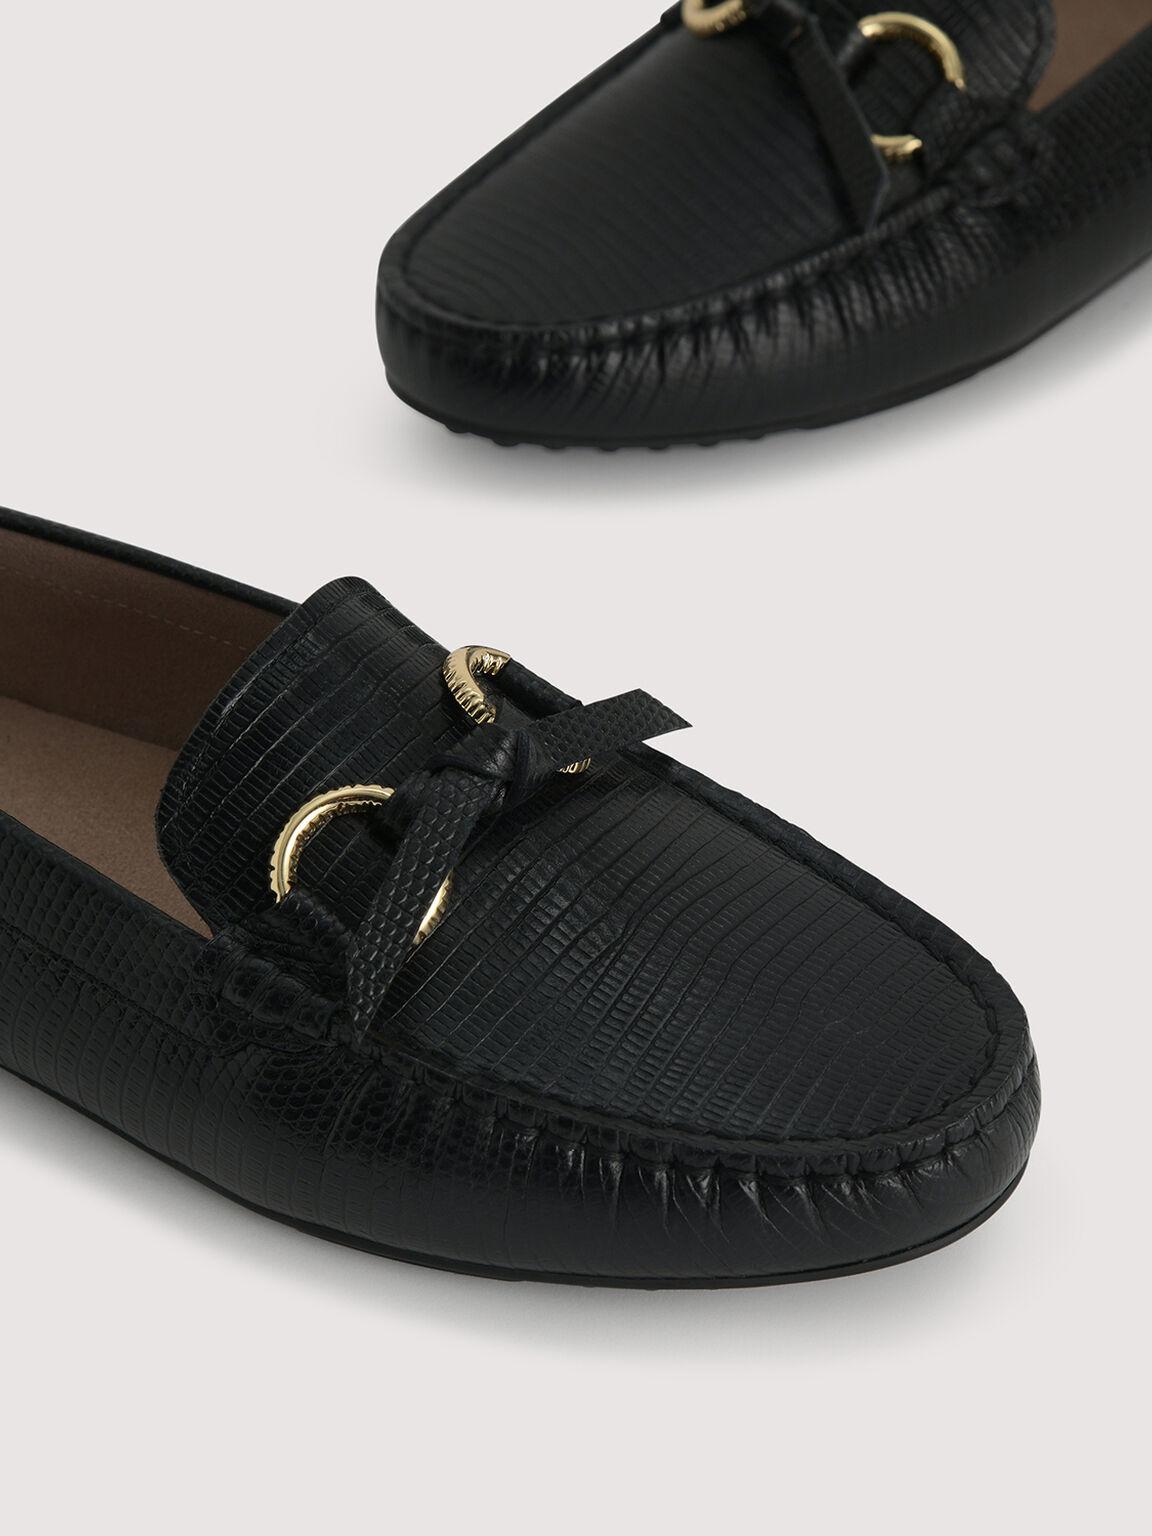 Embossed Leather Moccasins, Black, hi-res